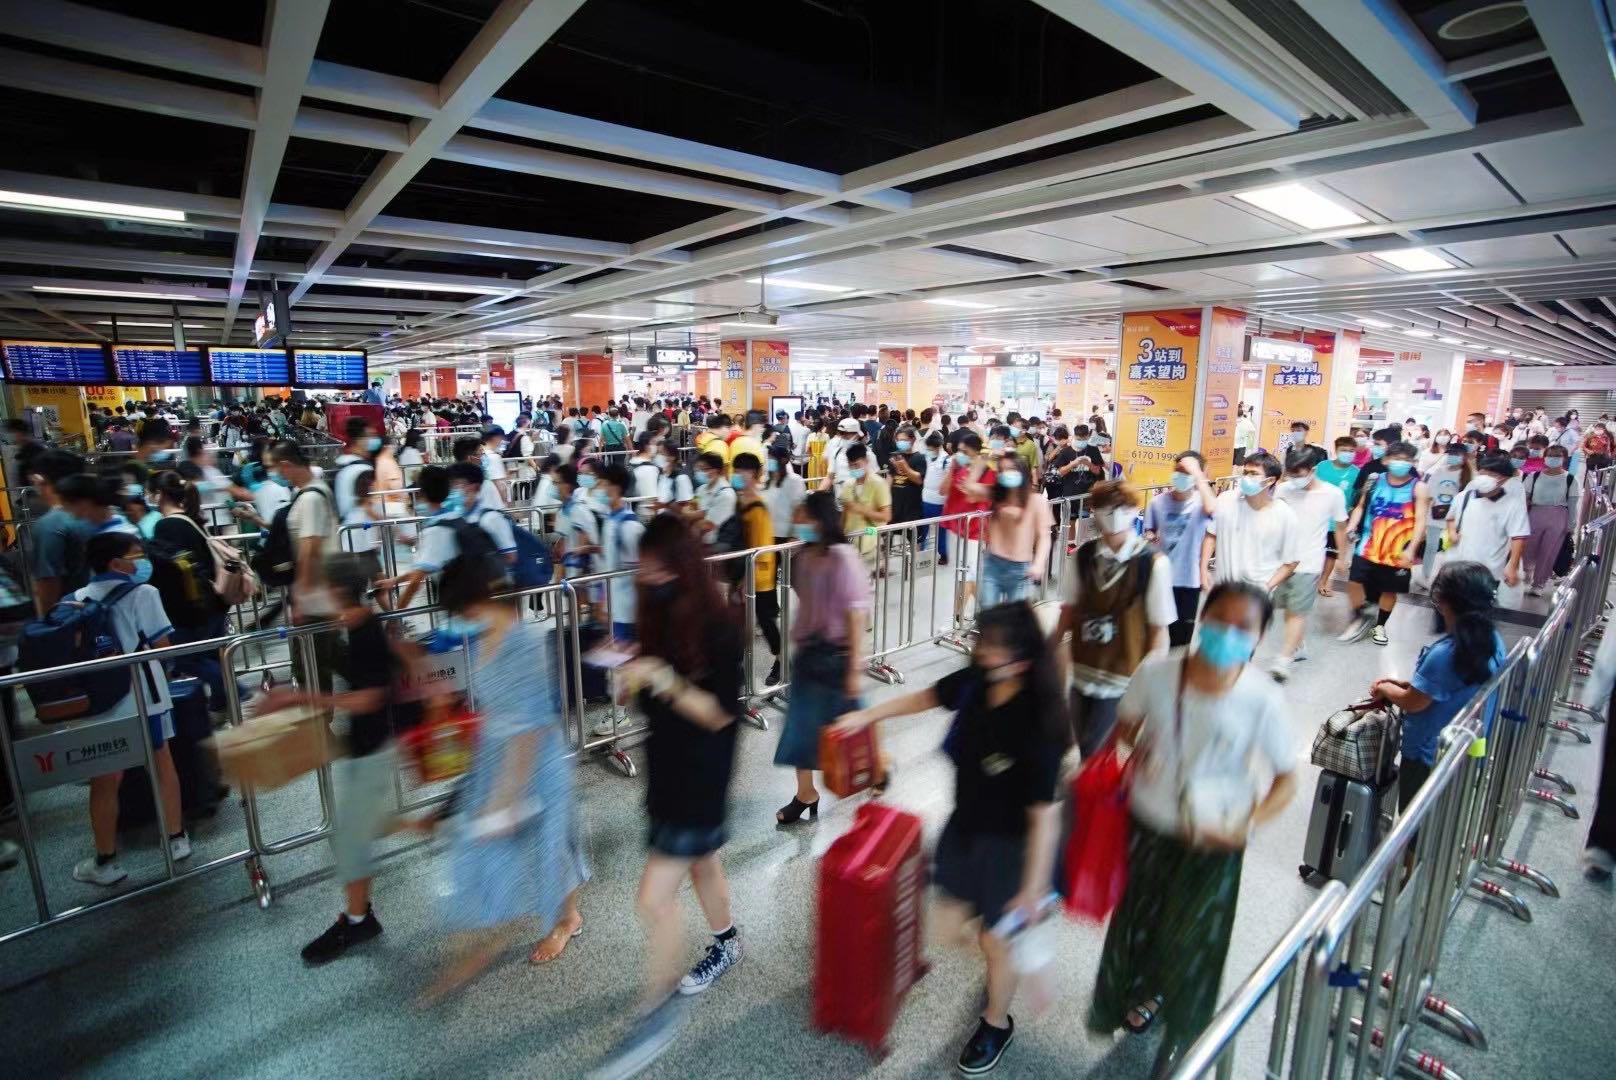 国庆假期地铁五天迟收1小时,9月30日客流预计破千万